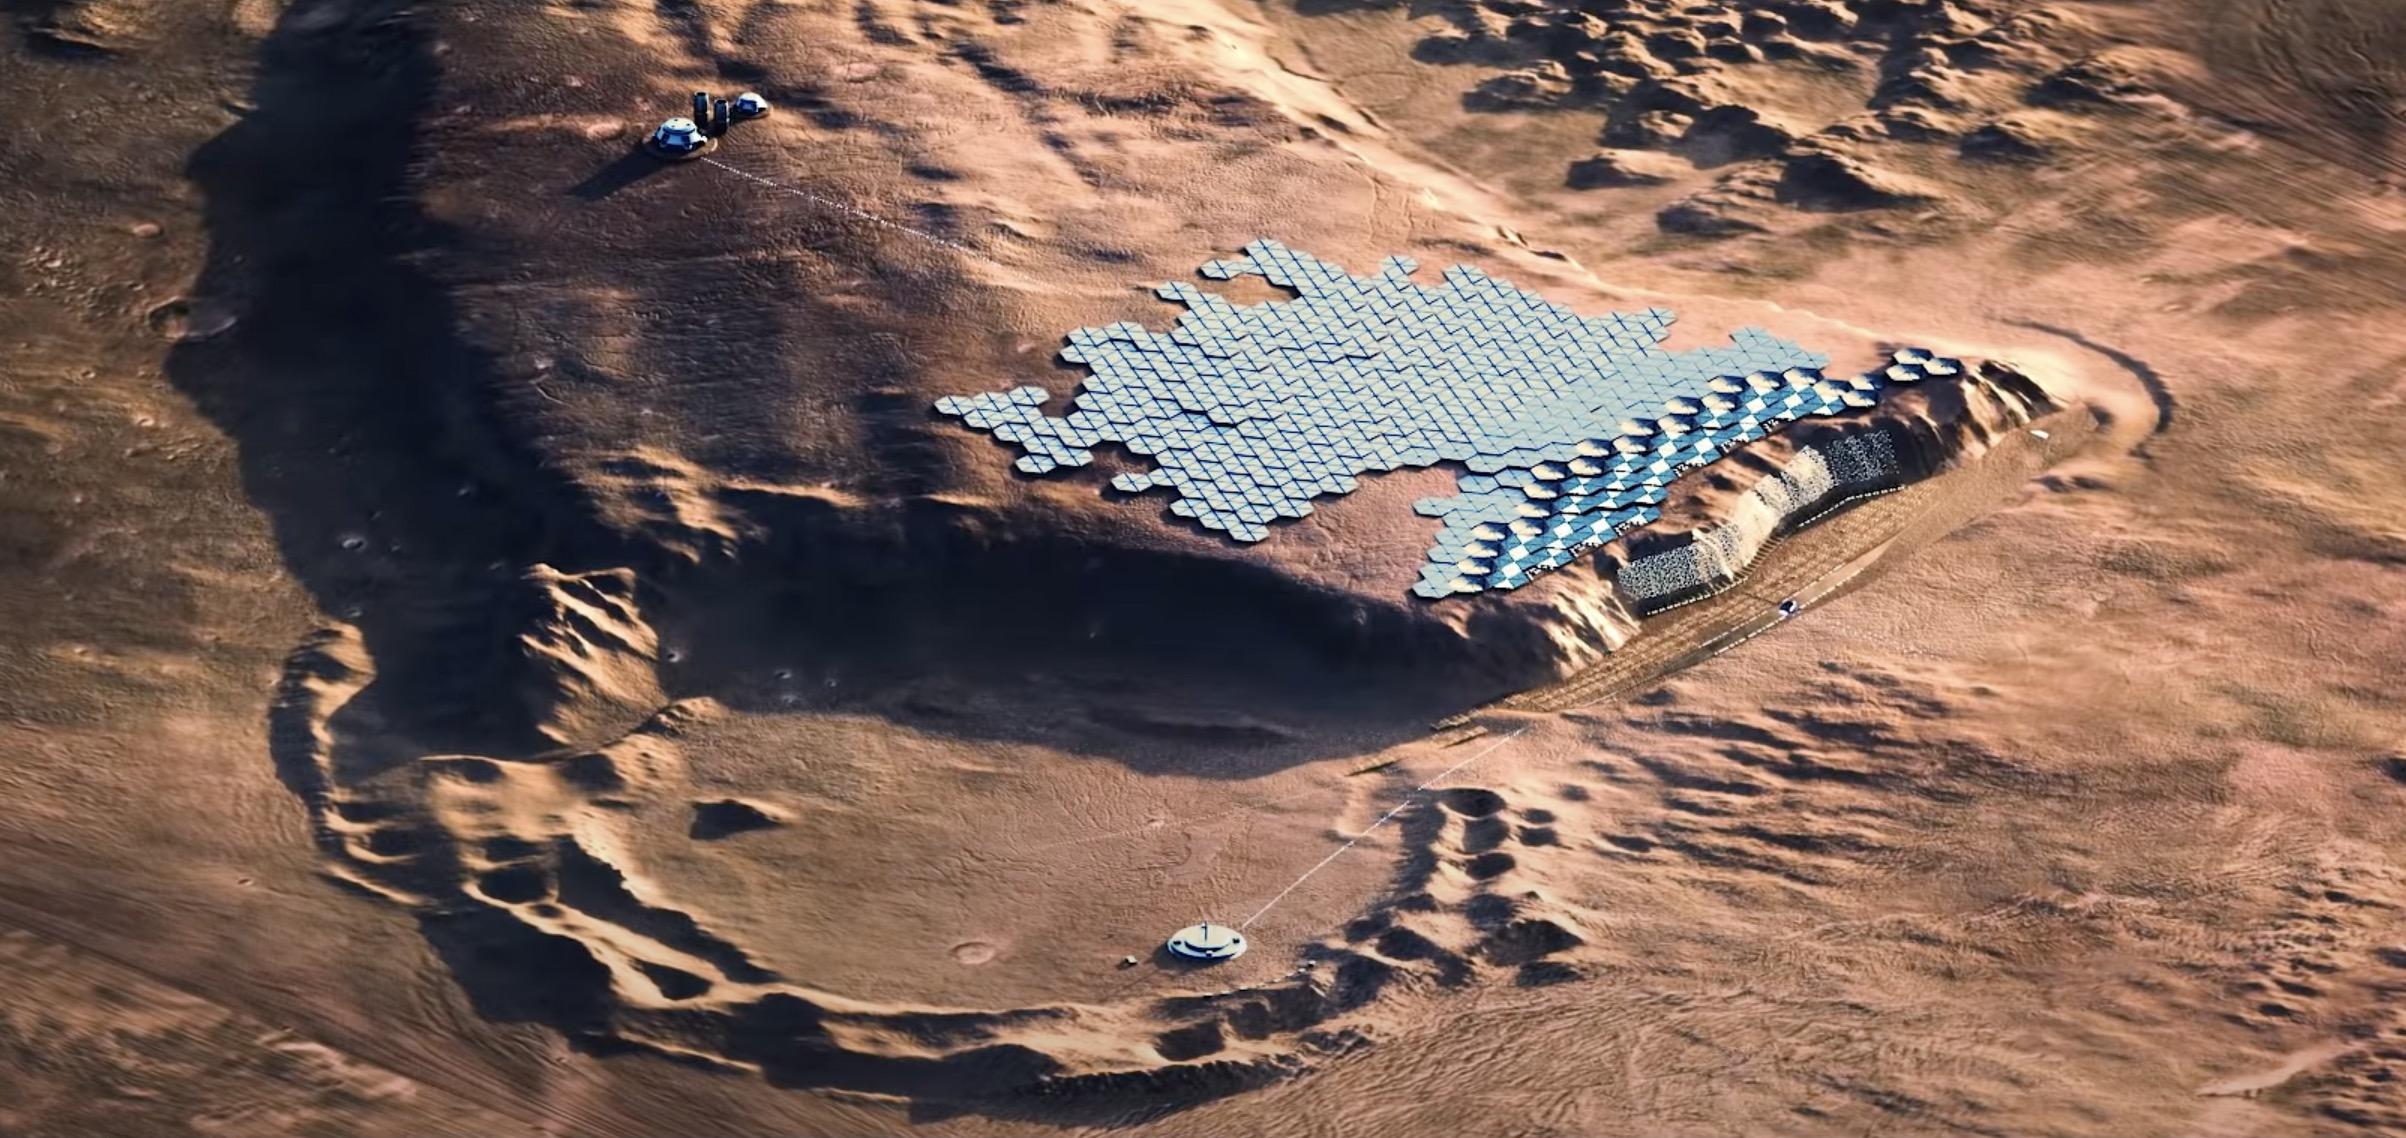 Стало известно как будет выглядеть первый город на Марсе — видео